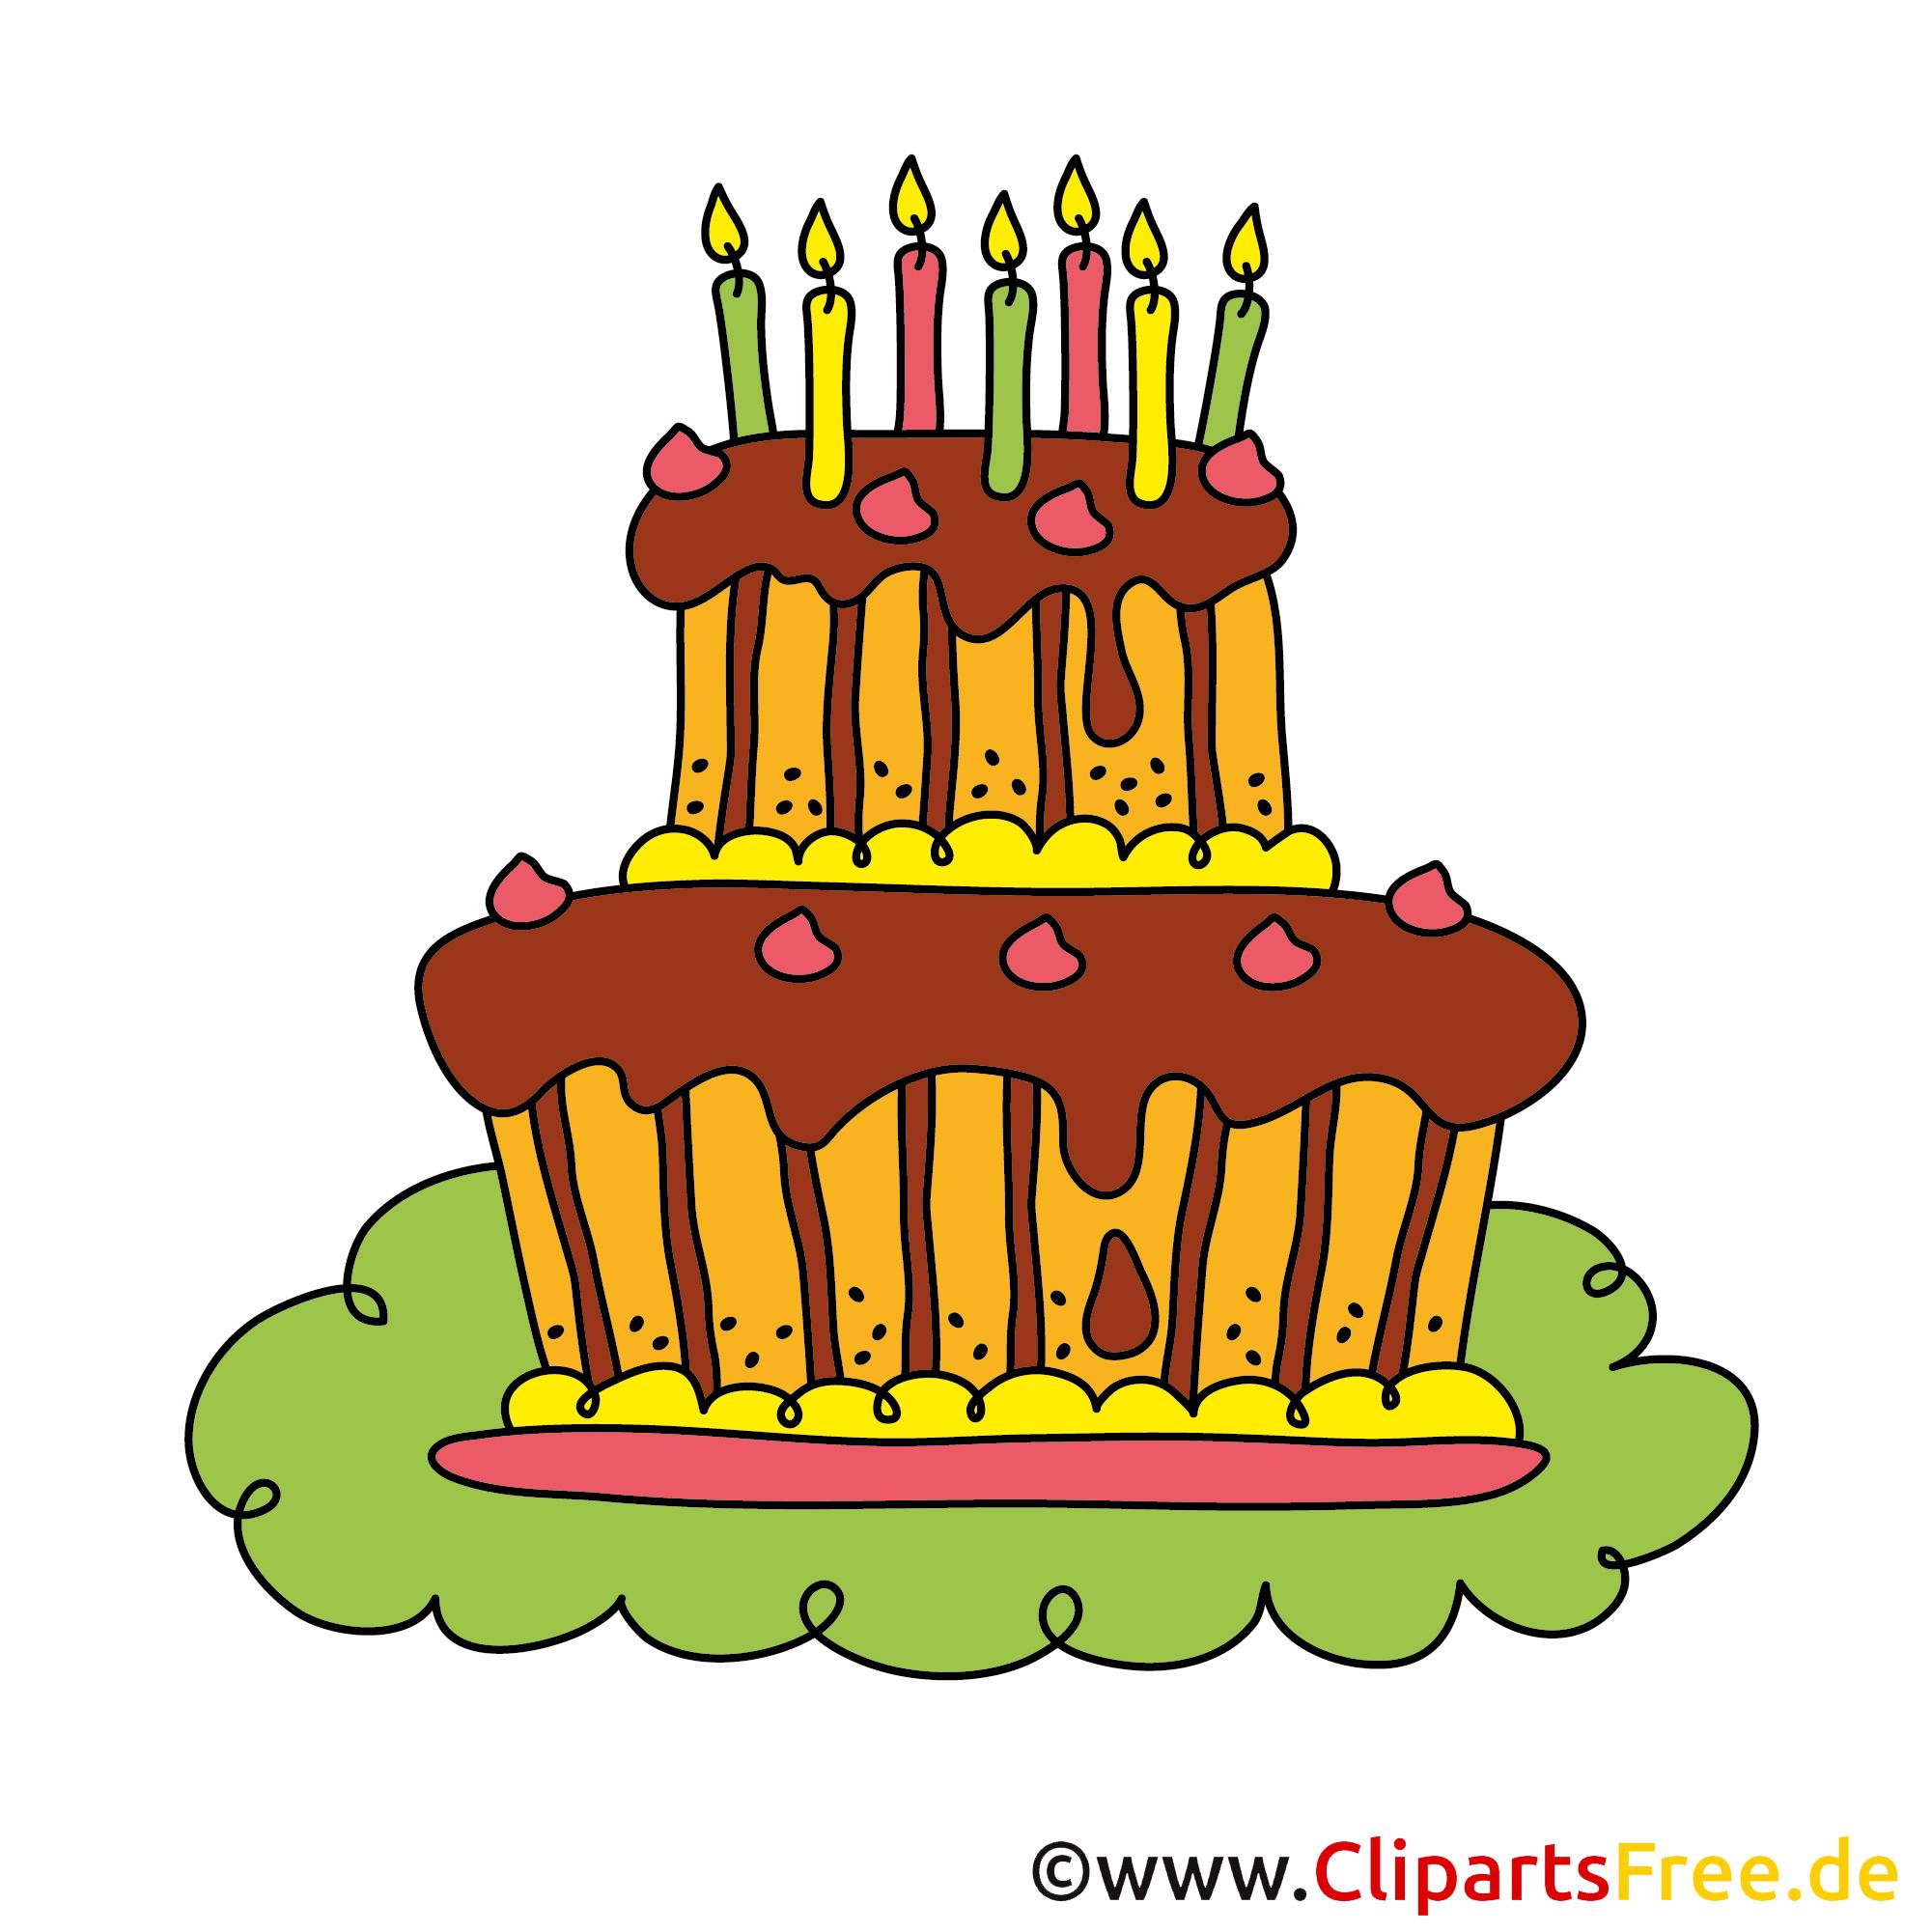 einladungskarten zum geburtstag selbst gestalten happy birthday cake clip art blue happy birthday cake clip art images